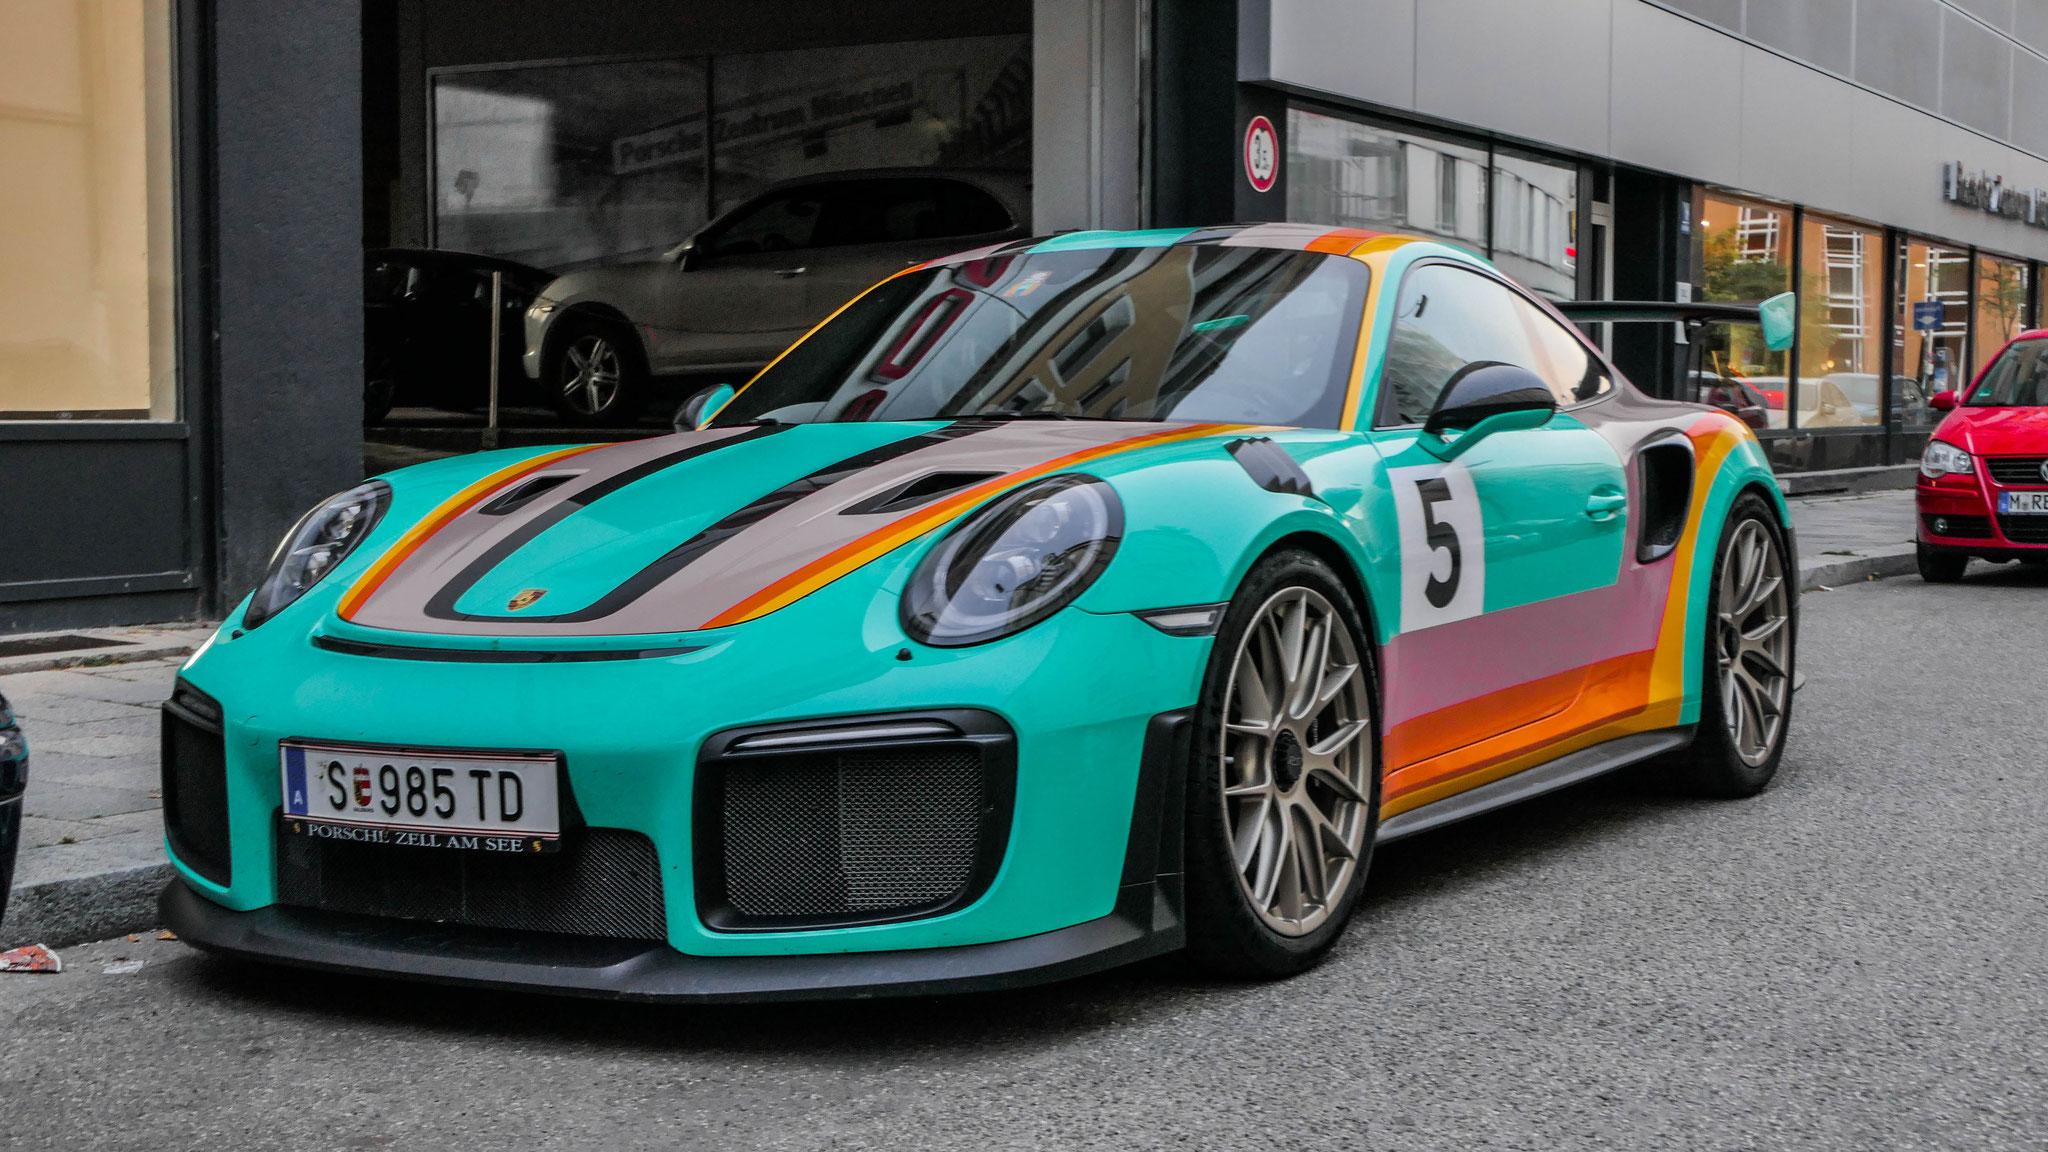 Porsche GT2 RS - S-985-TD (AUT)